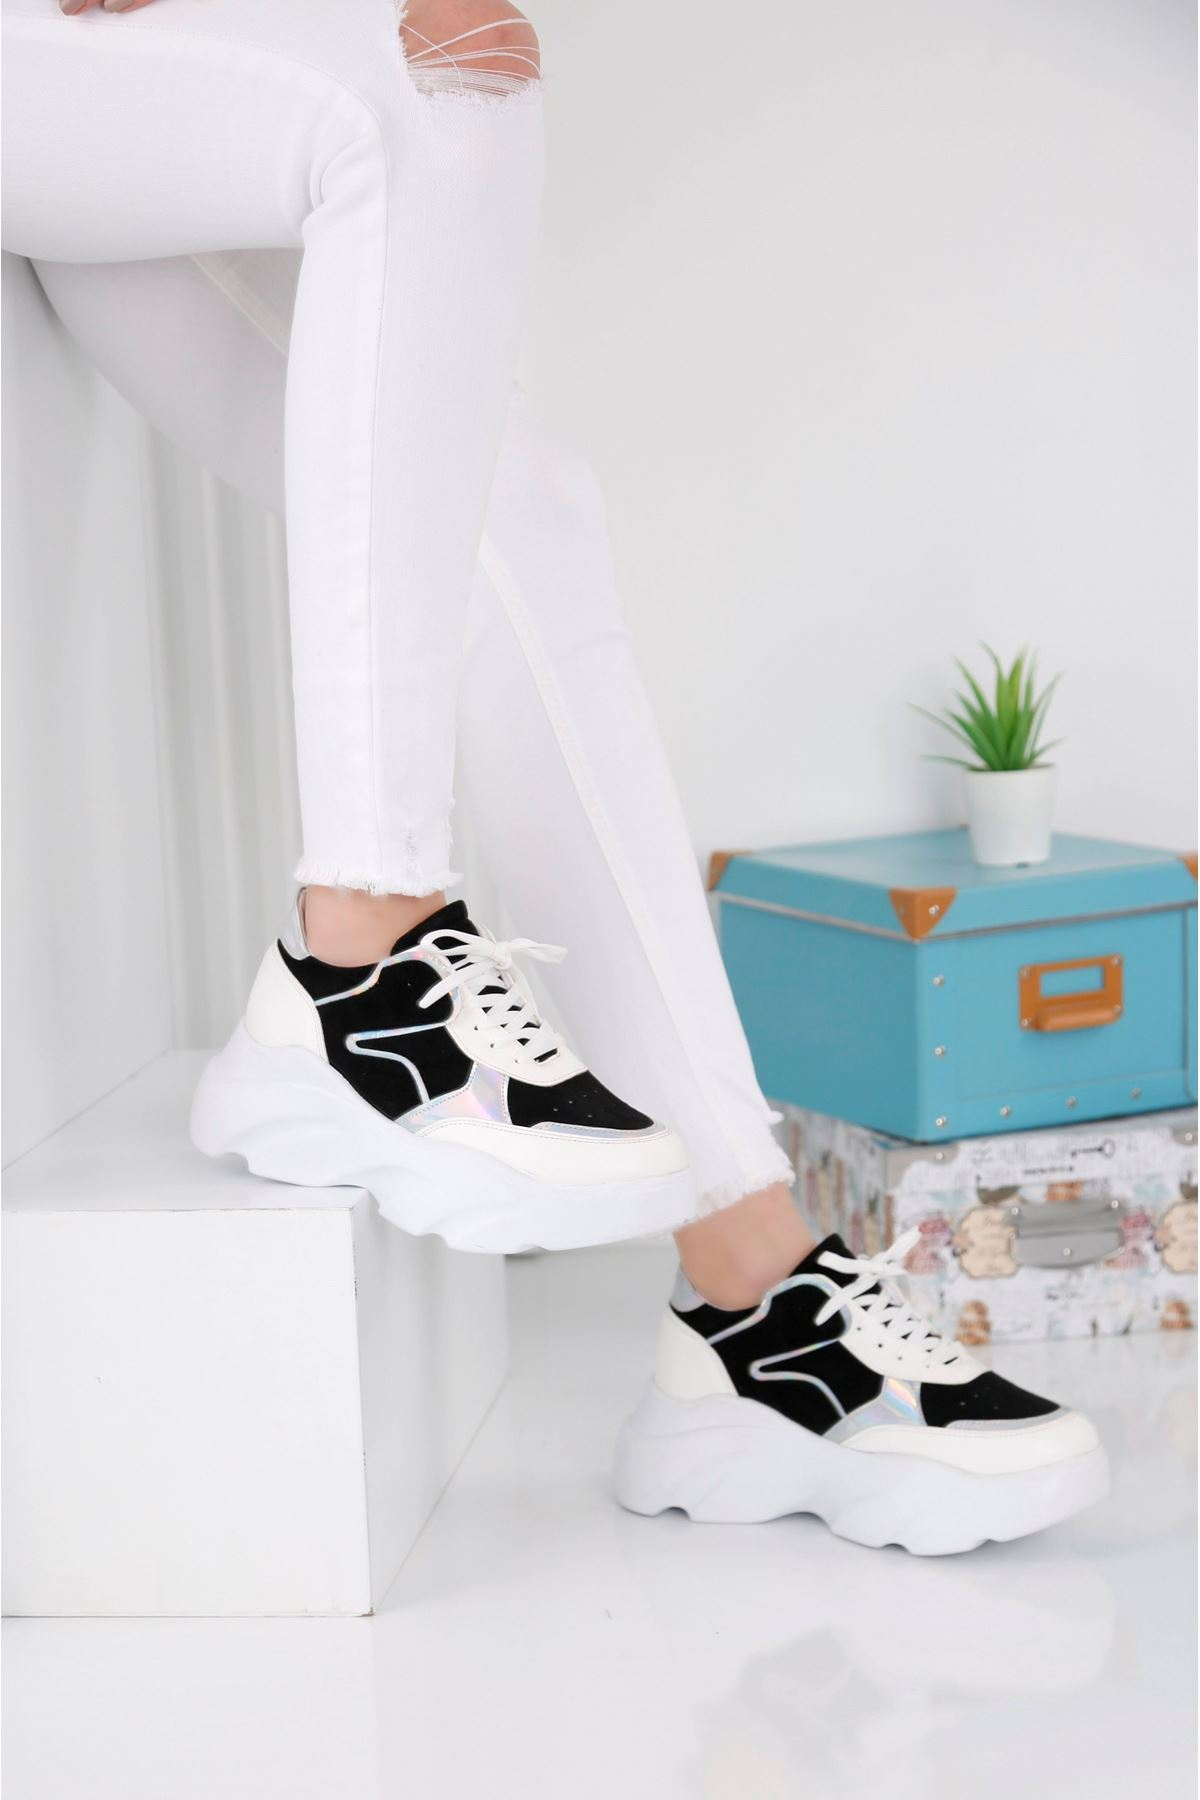 Step Siyah Beyaz Spor Ayakkabı